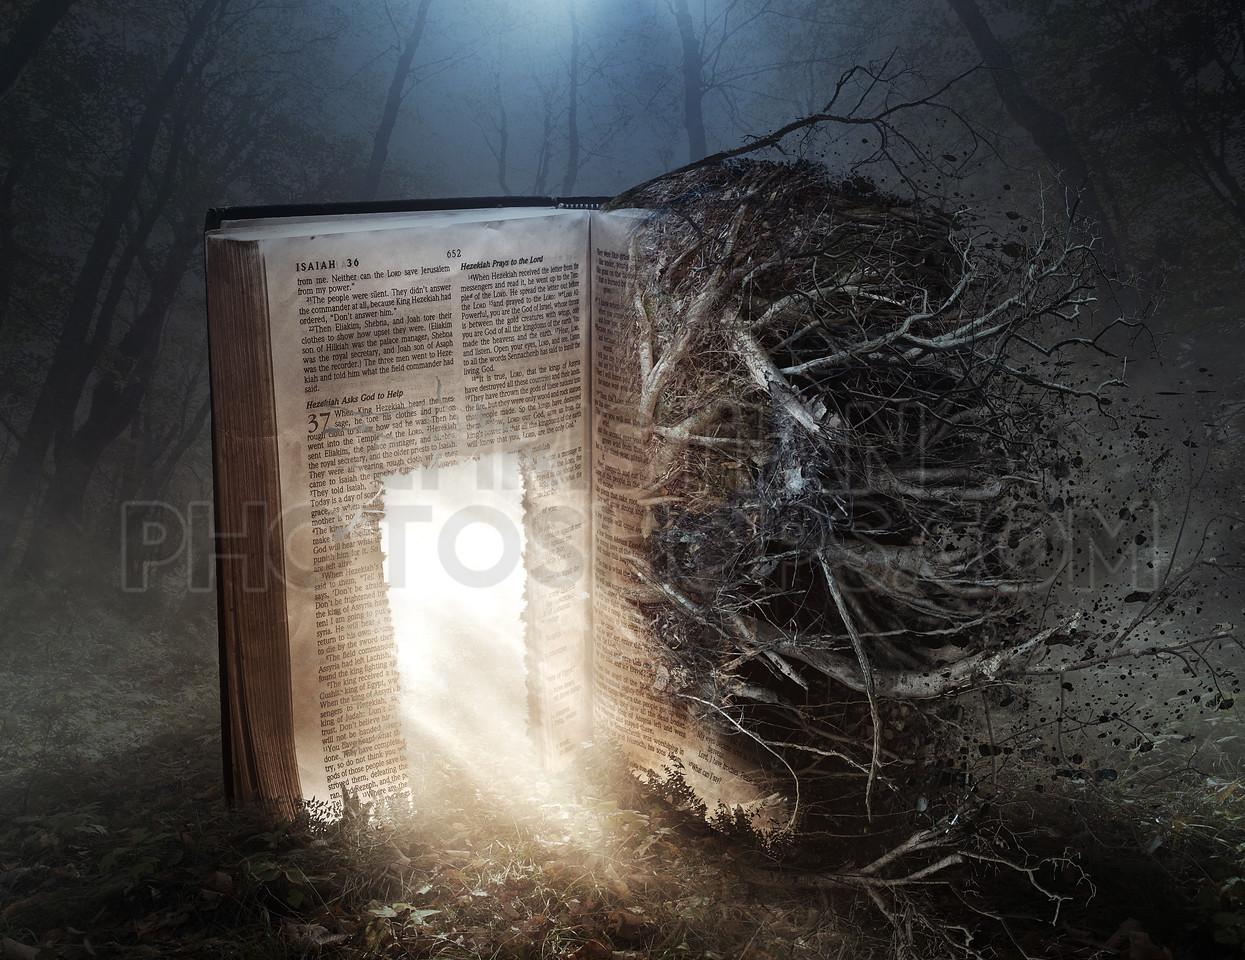 Decaying Bible with open door